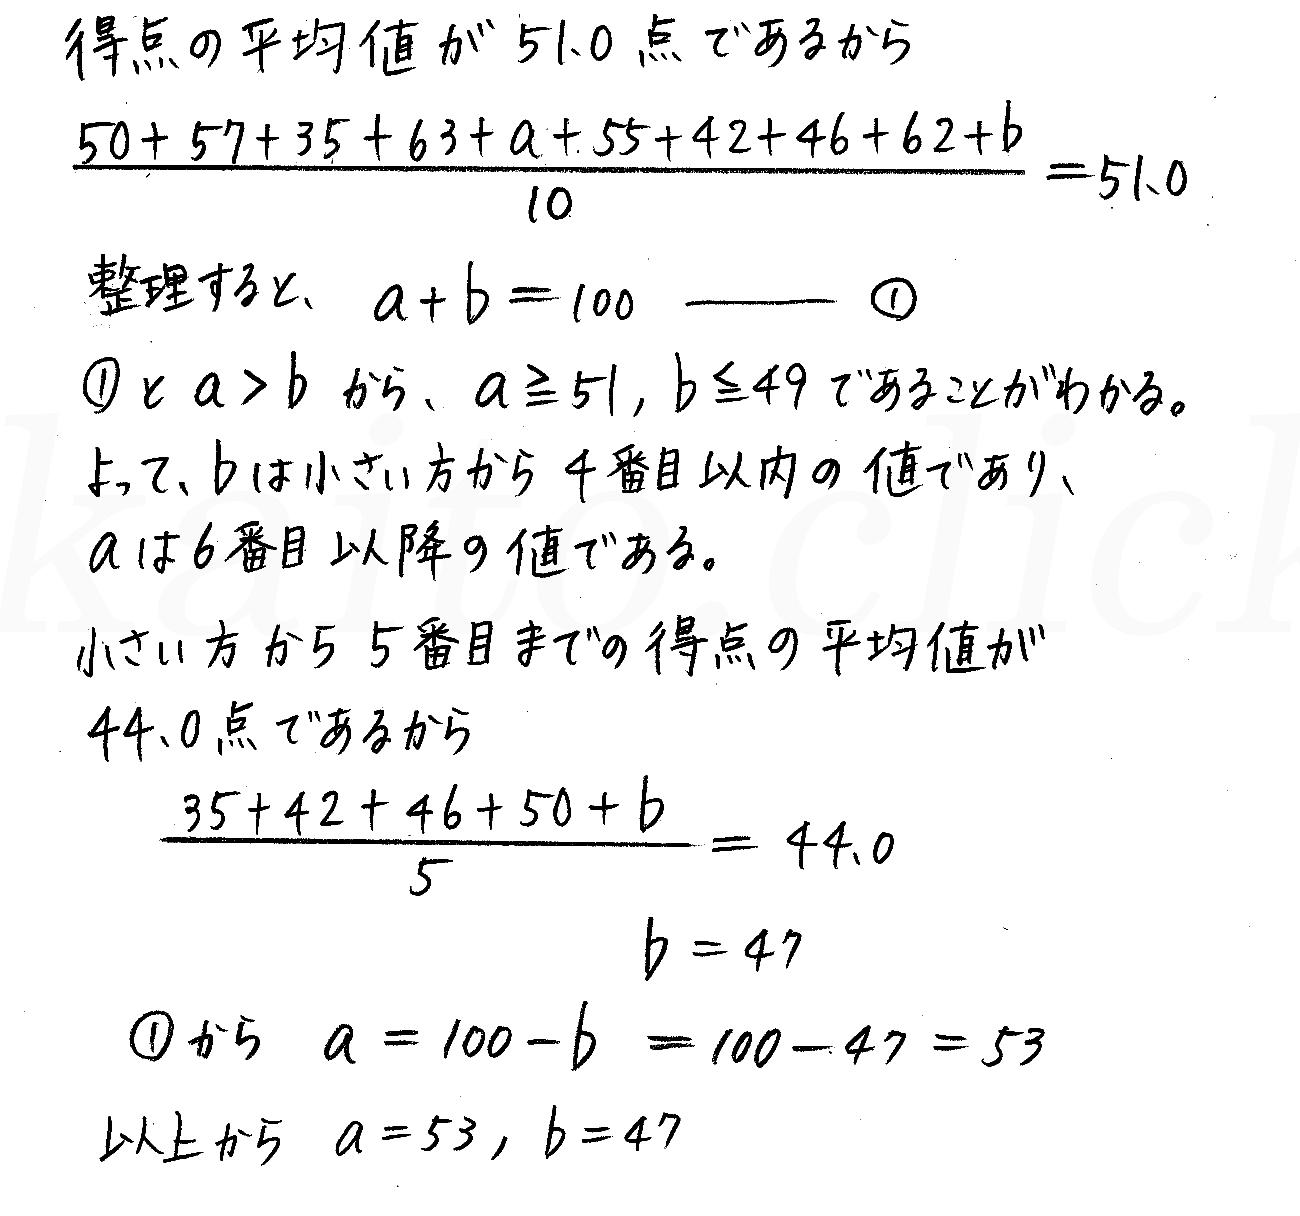 クリアー数学1-366解答